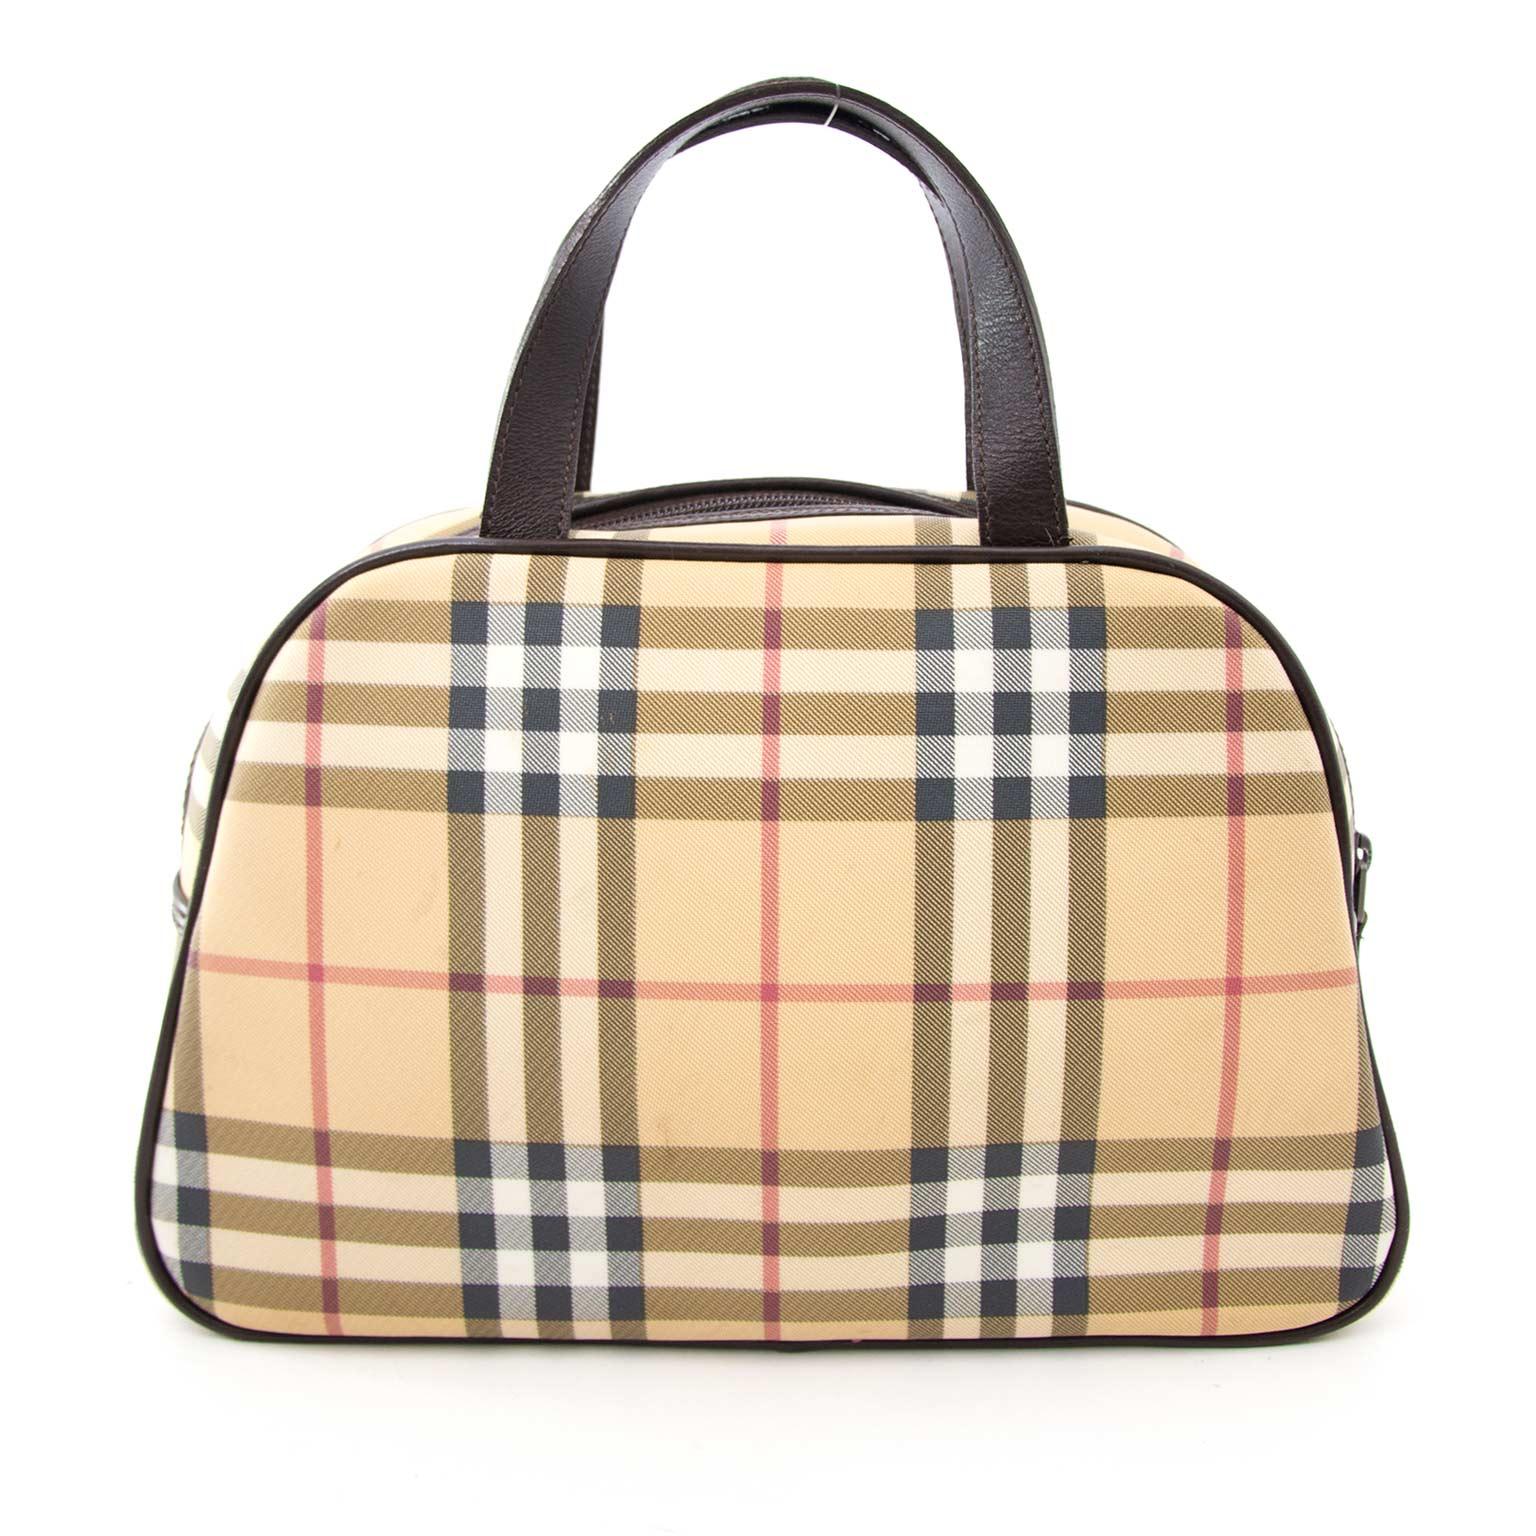 Koop en verkoop uw authentieke designer Burberry bag aan de beste prijs.